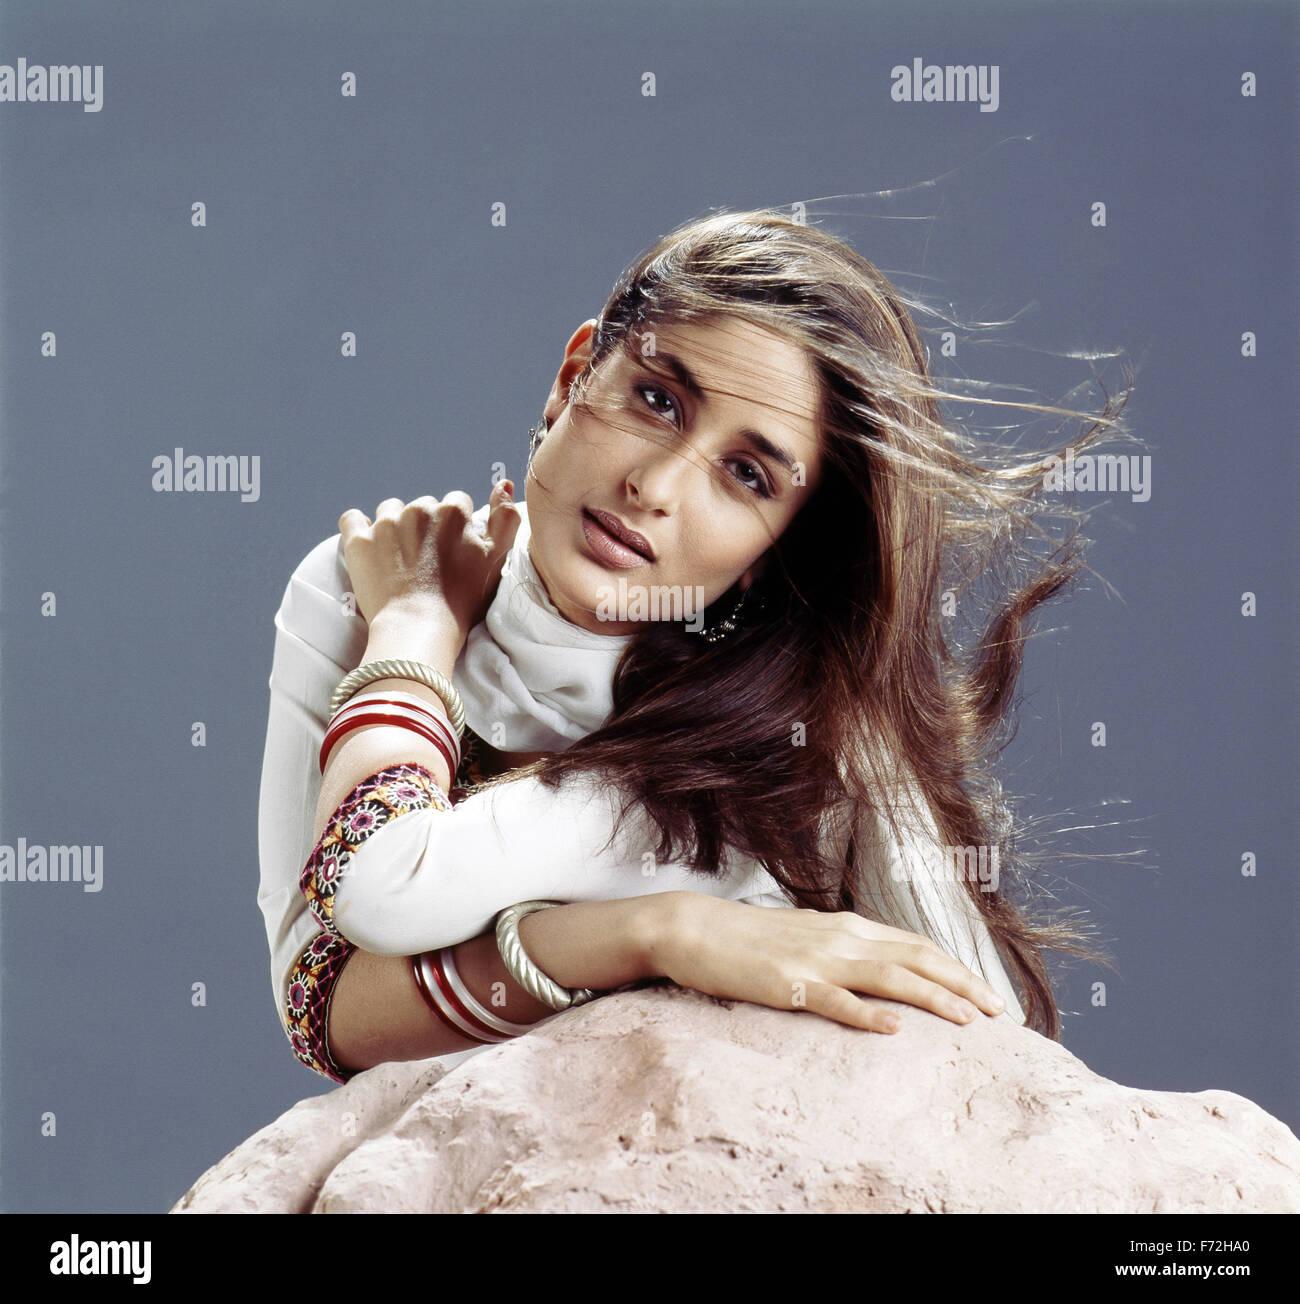 kareena kapoor, Indian film actress, india, asia, 2000 - Stock Image